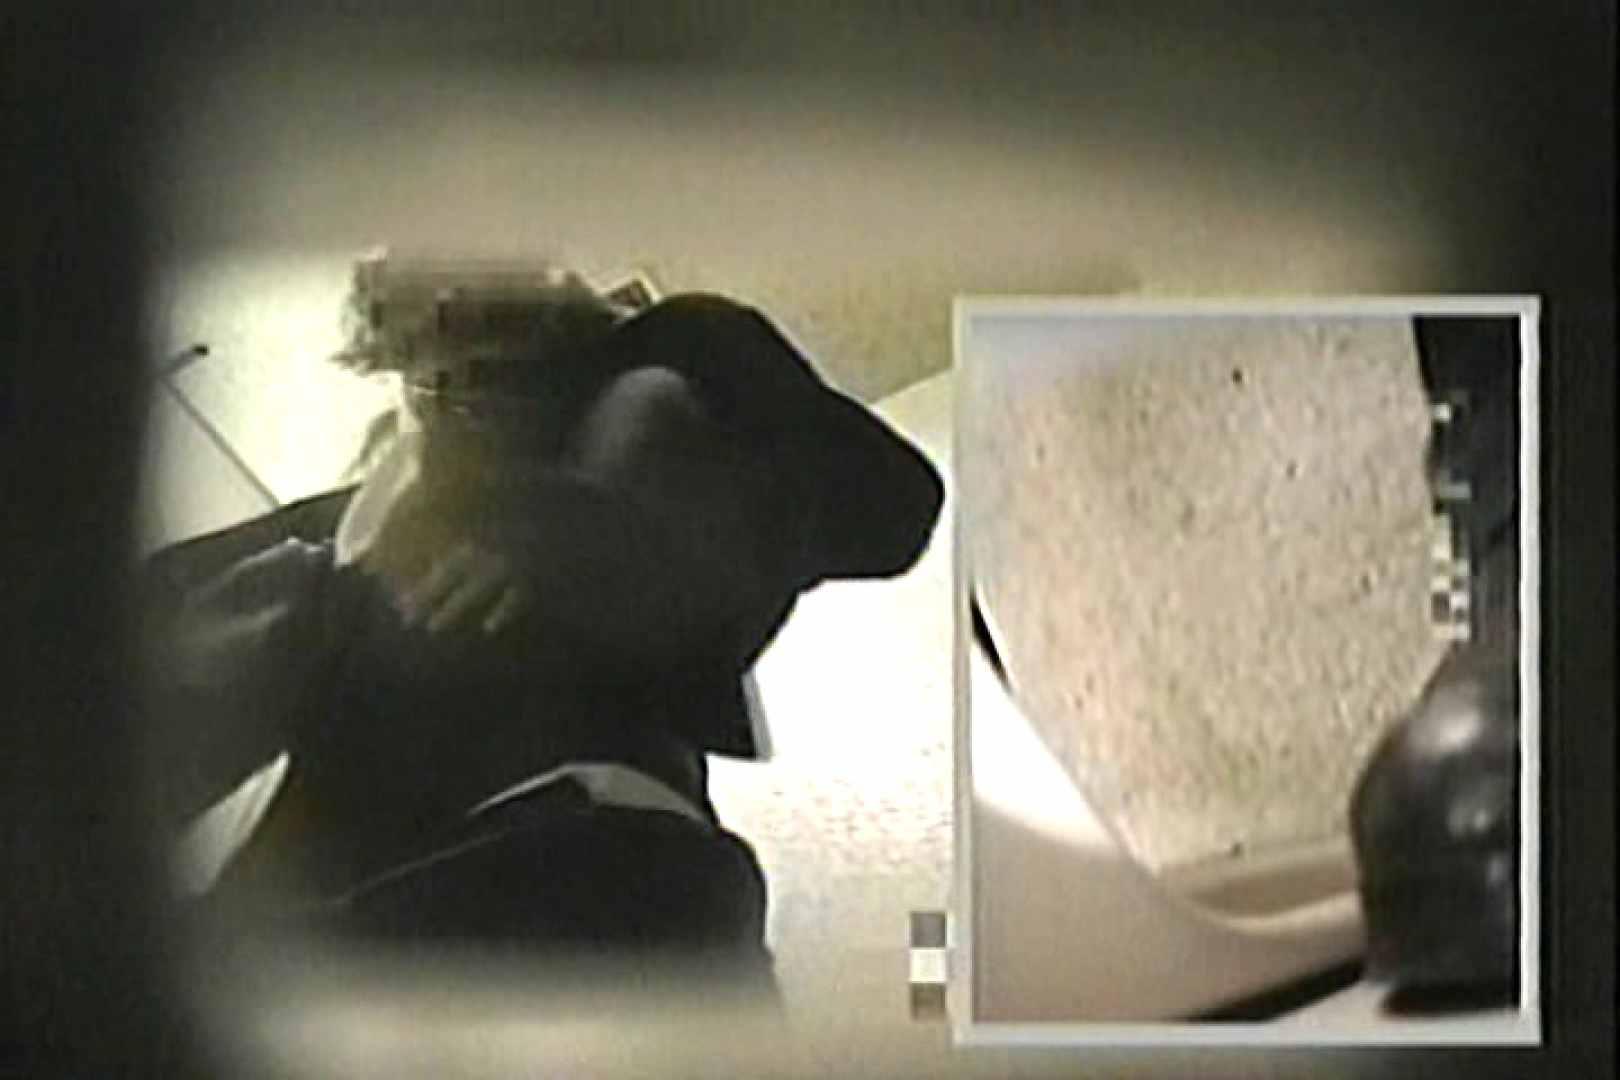 女子洗面所盗撮 今度の2カメは若い子だらけ  TK-127 おまんこ  76枚 34